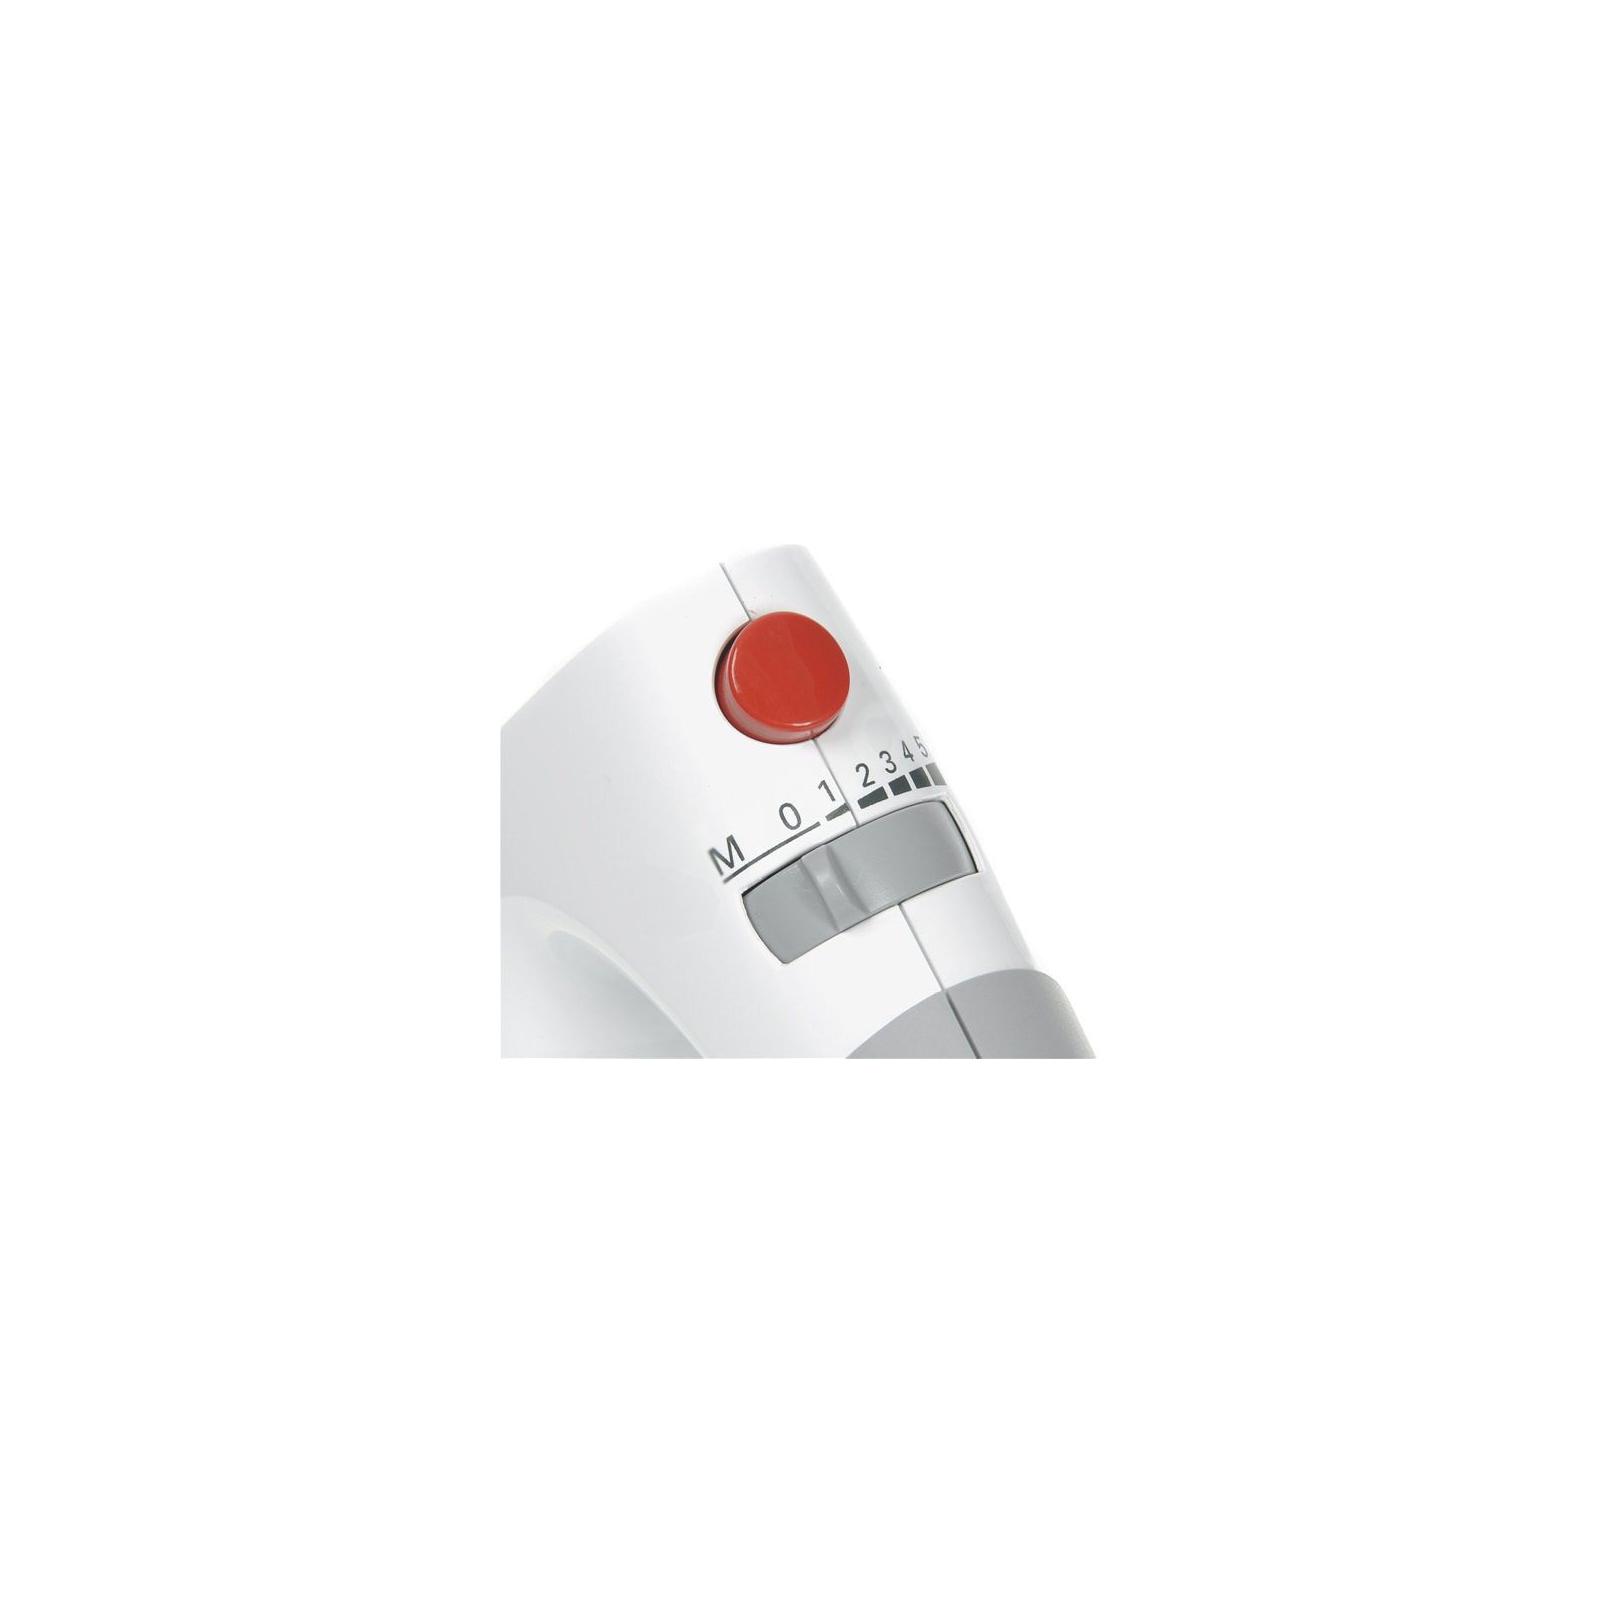 Миксер BOSCH MFQ 3530 (MFQ3530) изображение 5